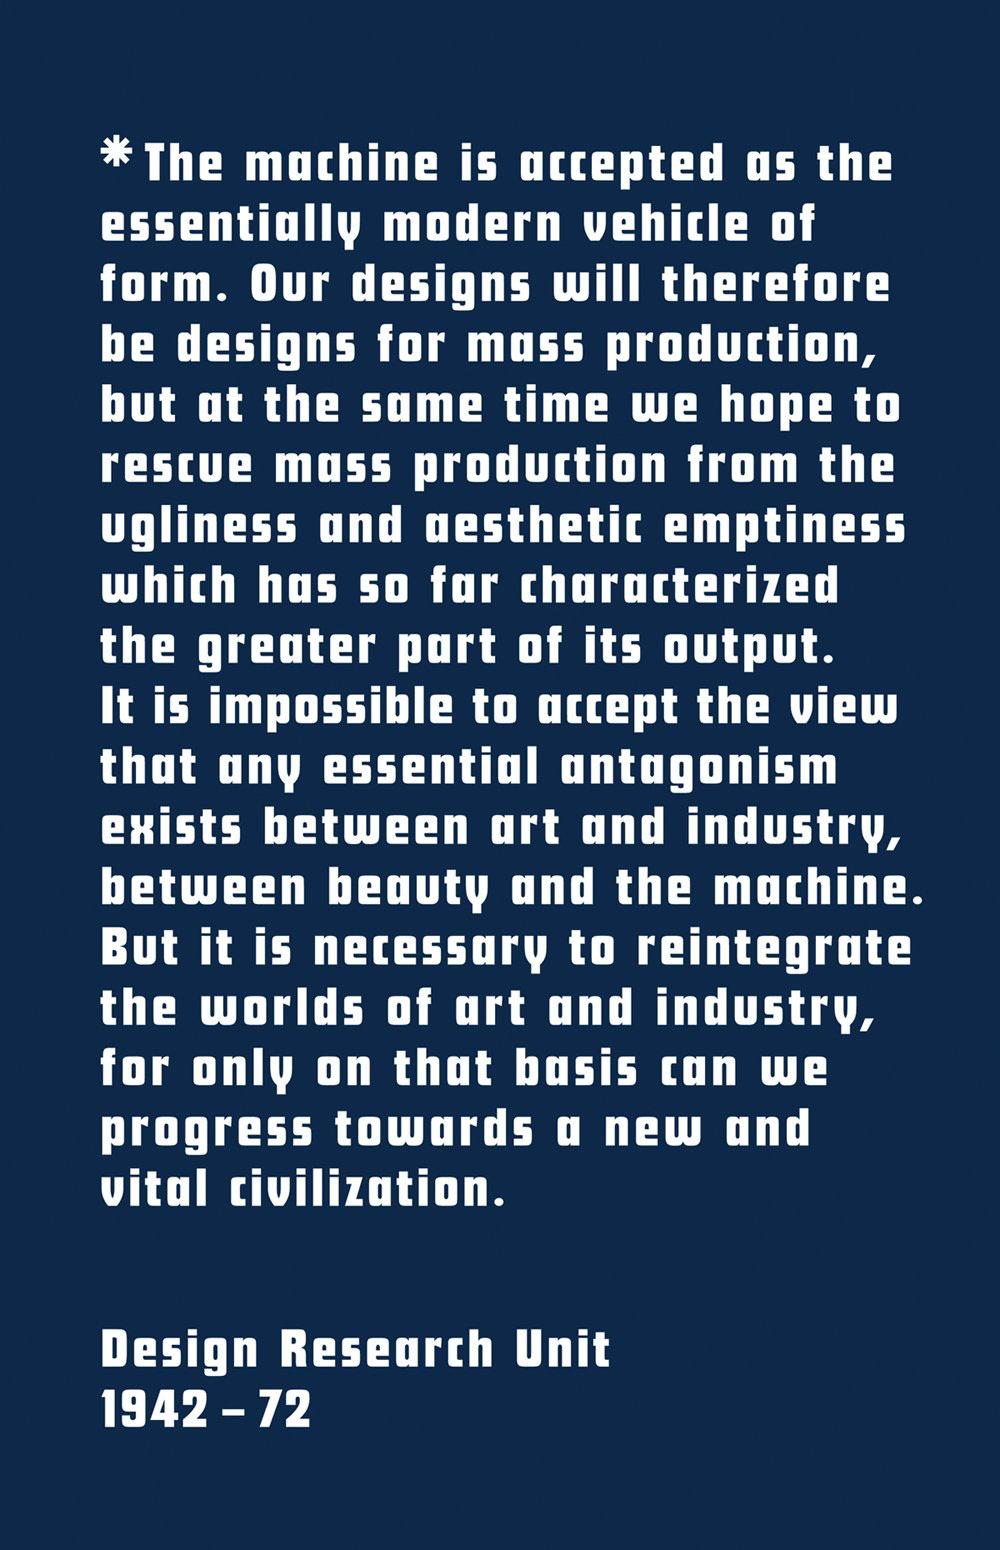 Design Research Unit monograph cover